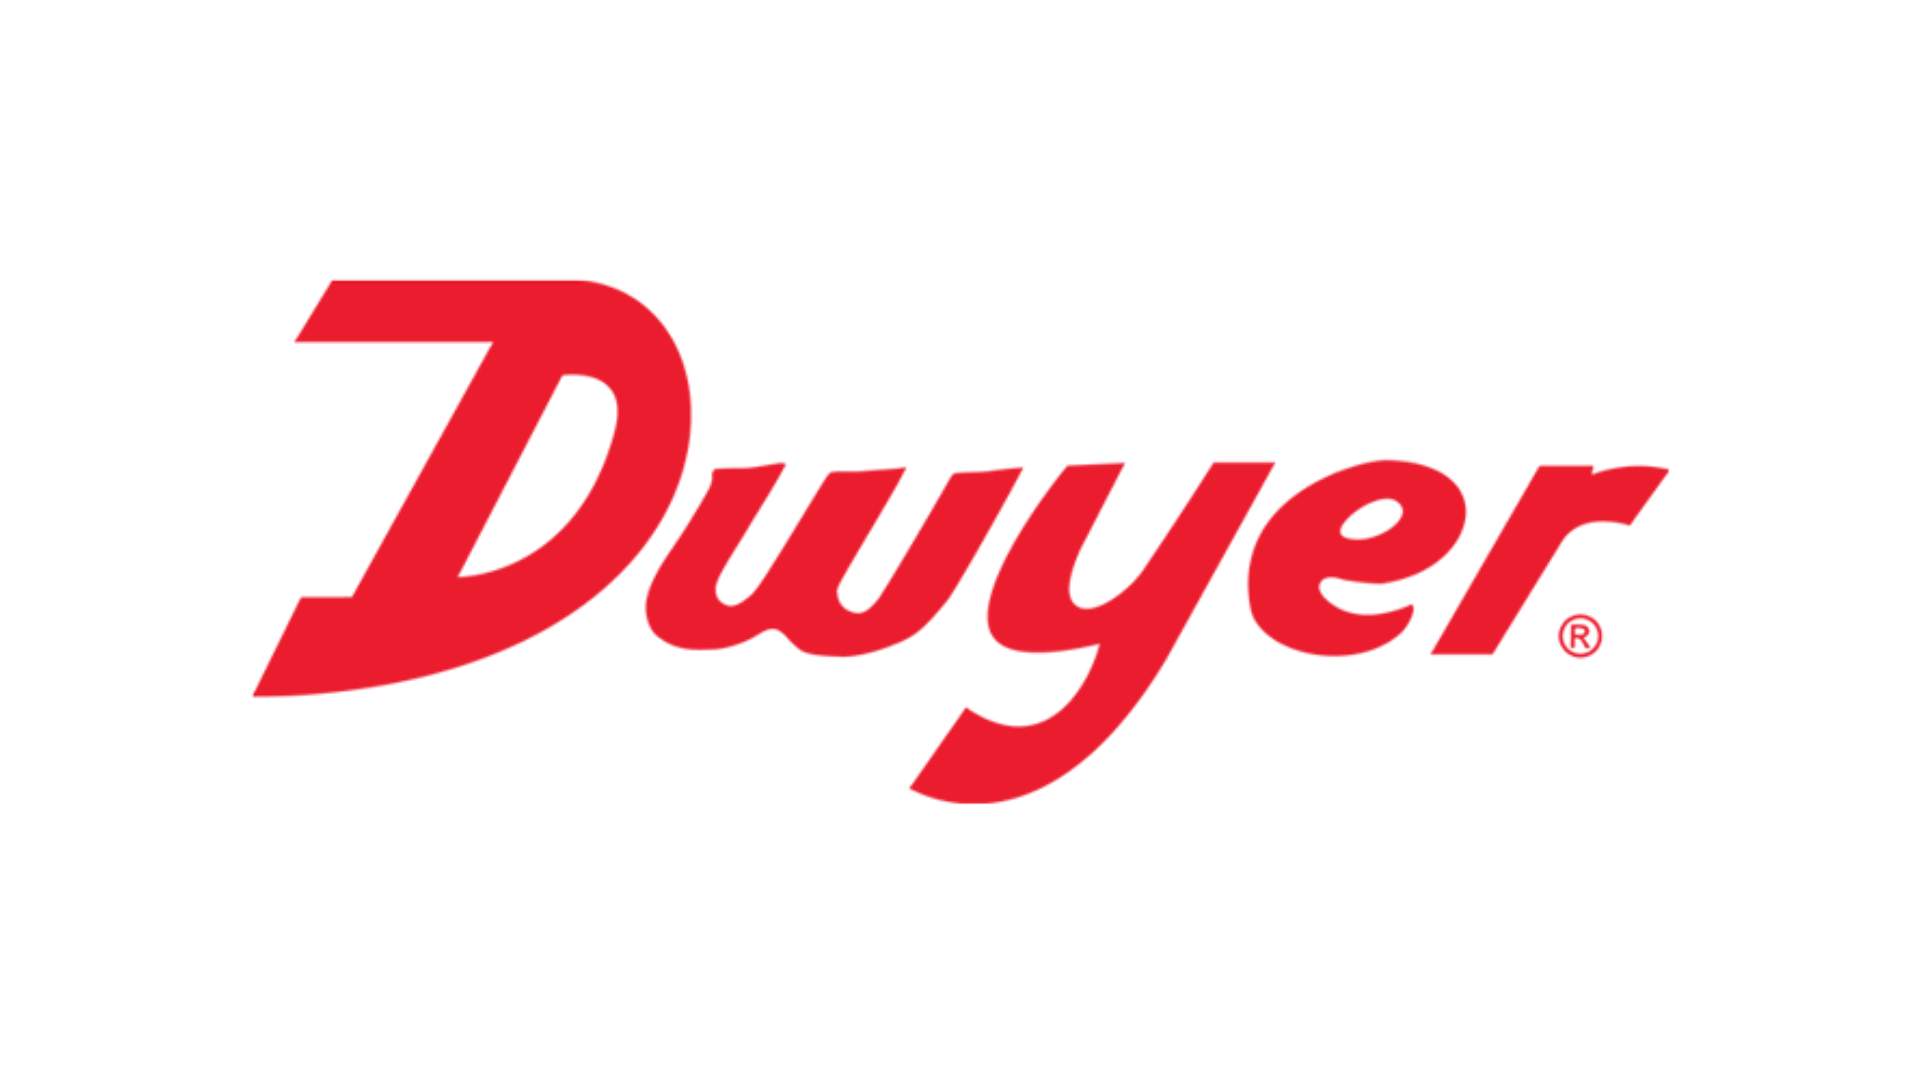 Dwyer